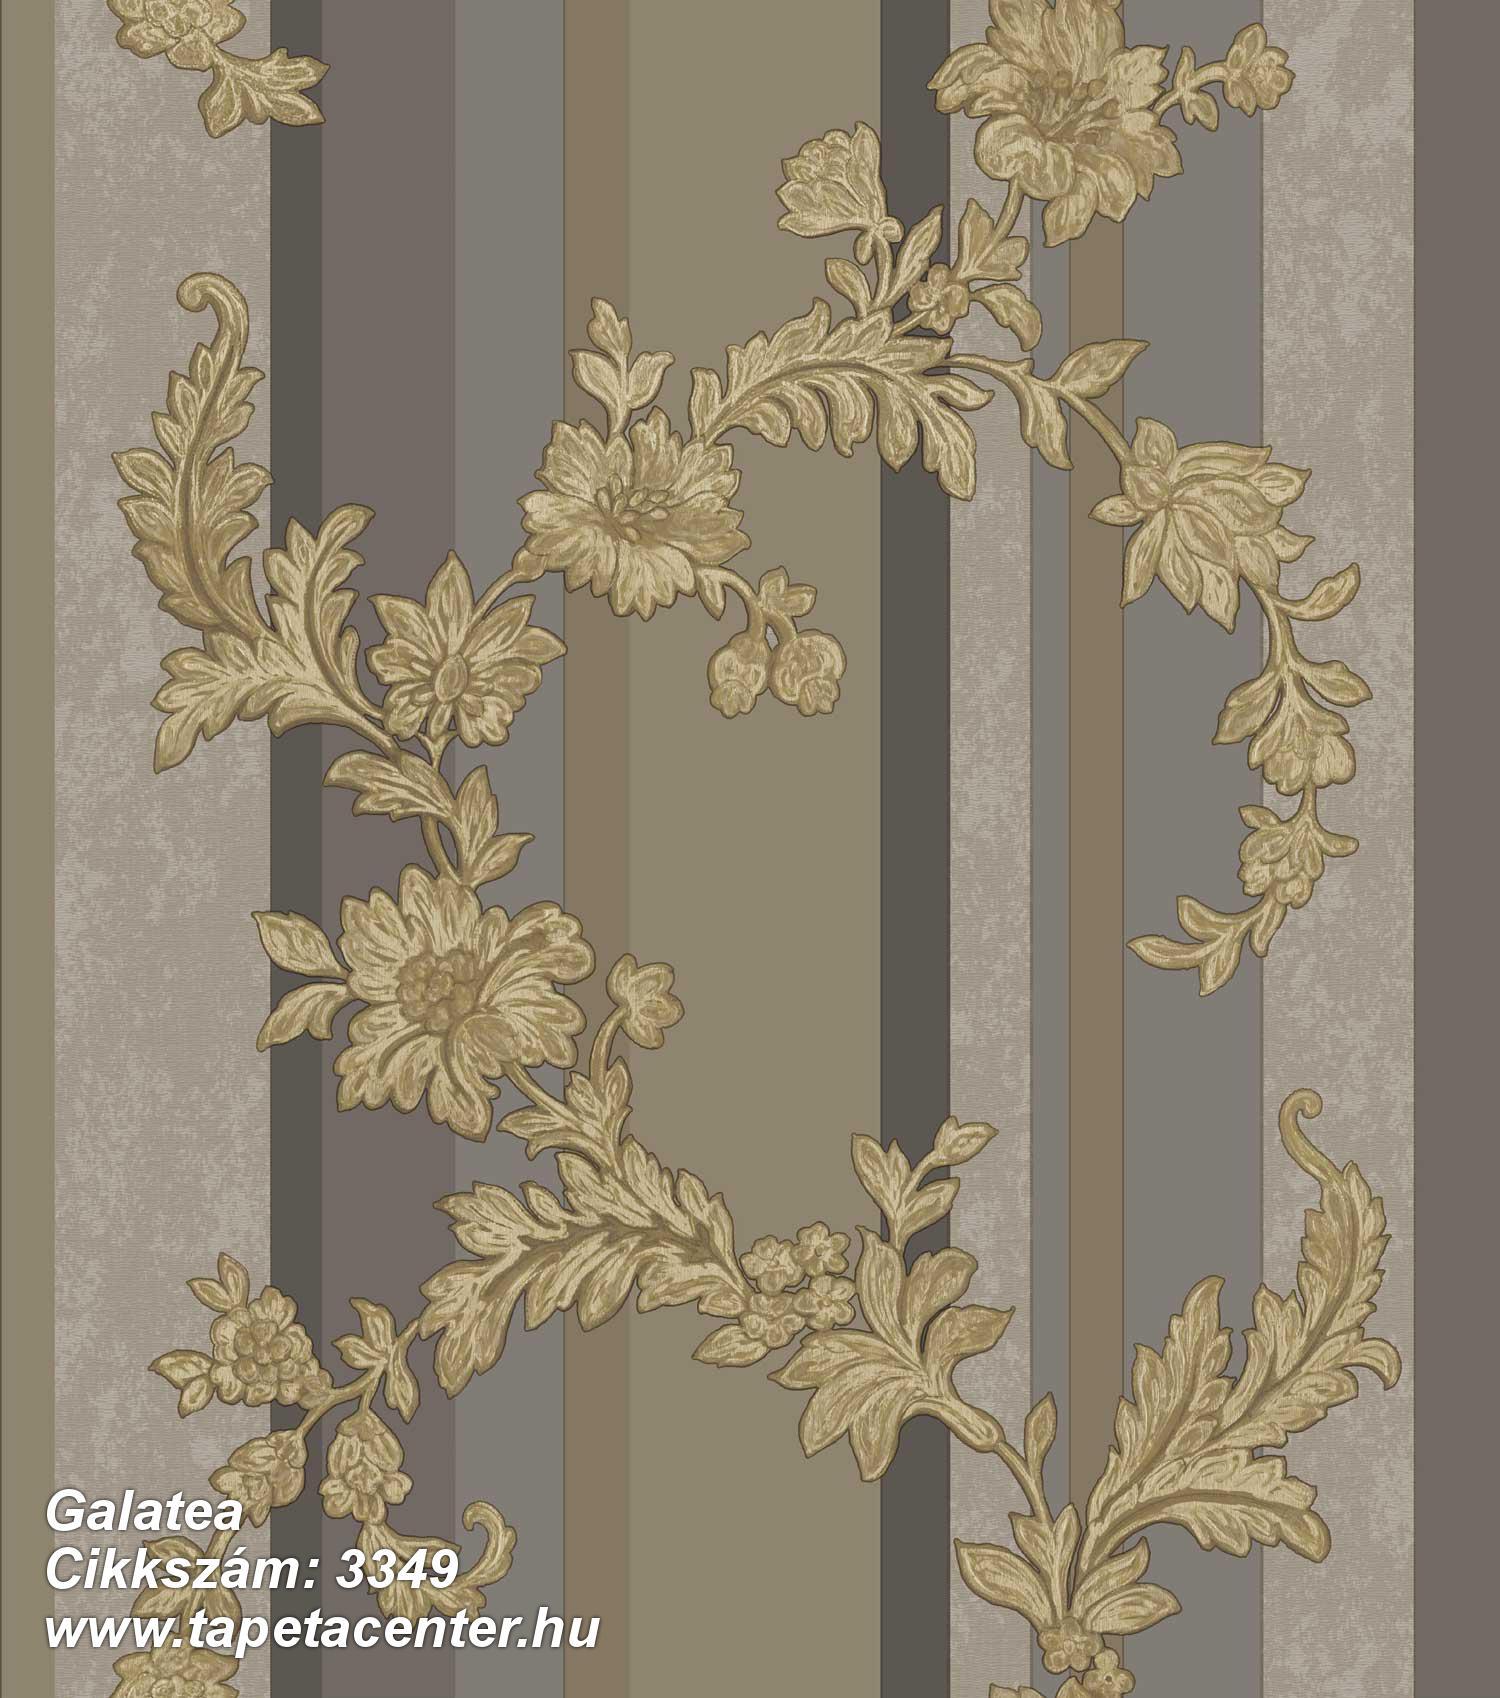 Barokk-klasszikus,csíkos,csillámos,természeti mintás,textil hatású,virágmintás,arany,barna,szürke,súrolható,vlies tapéta